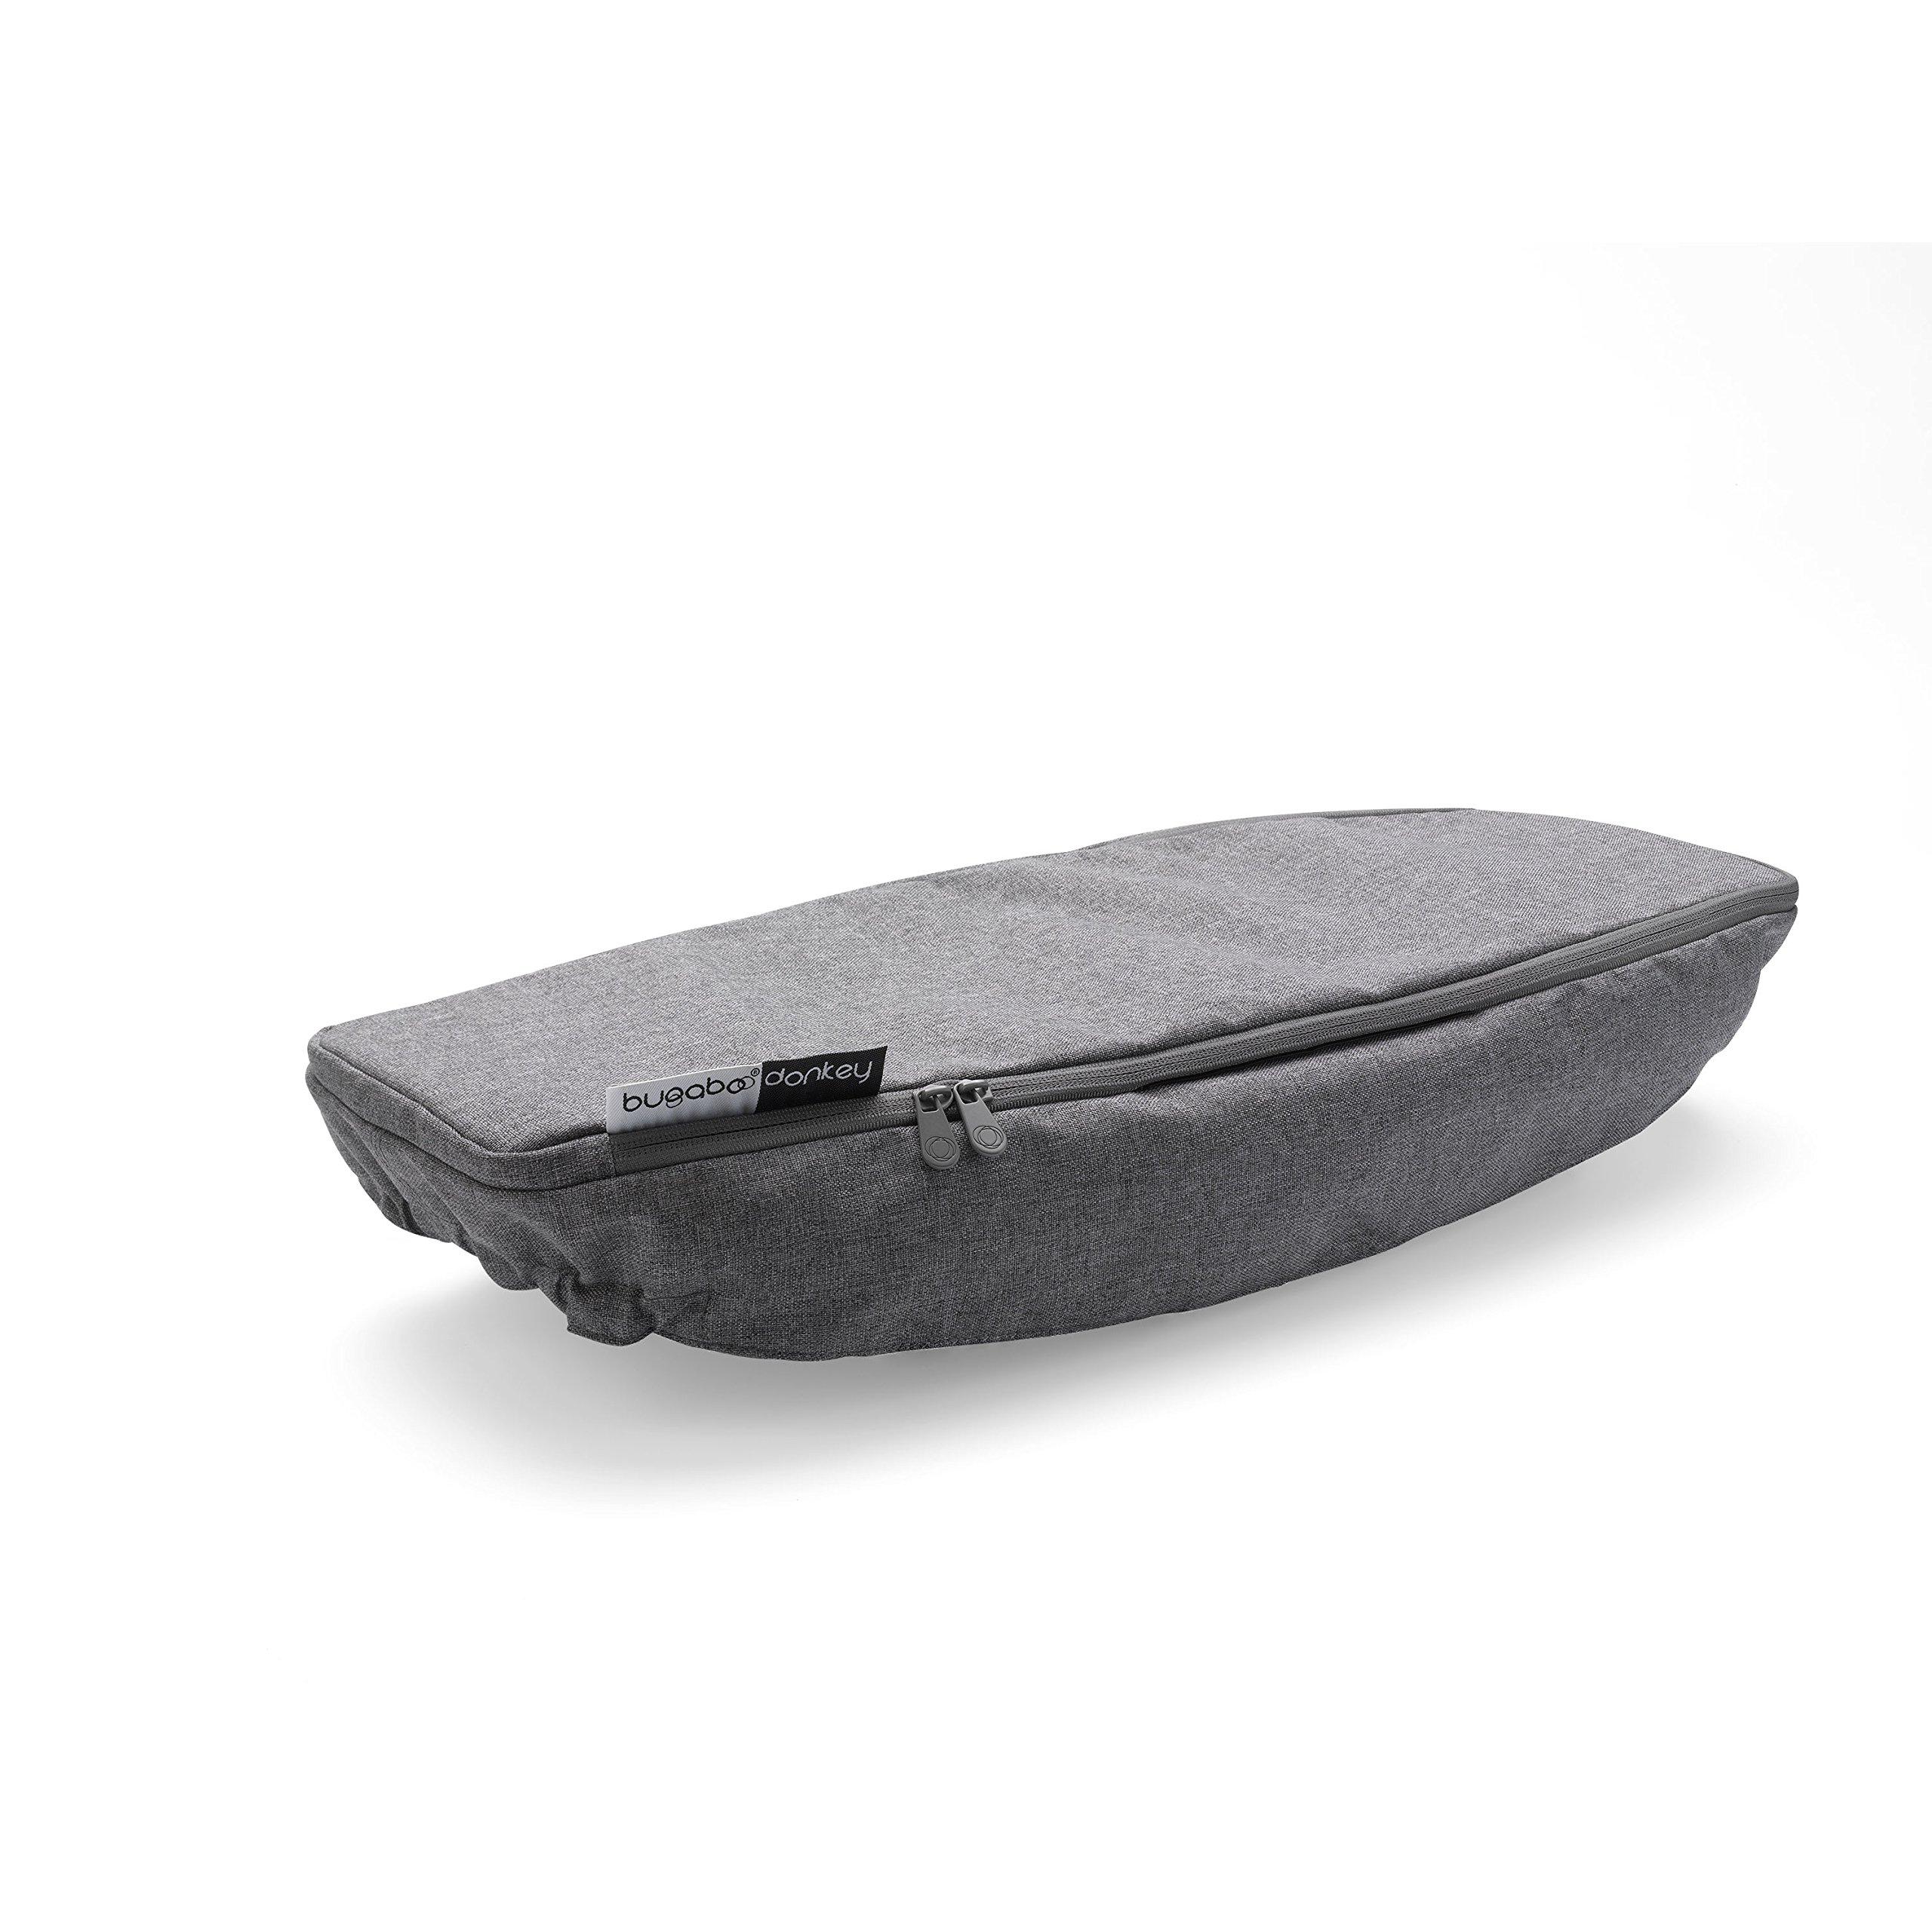 Bugaboo Donkey2 Side Luggage Basket Cover, Grey Melange